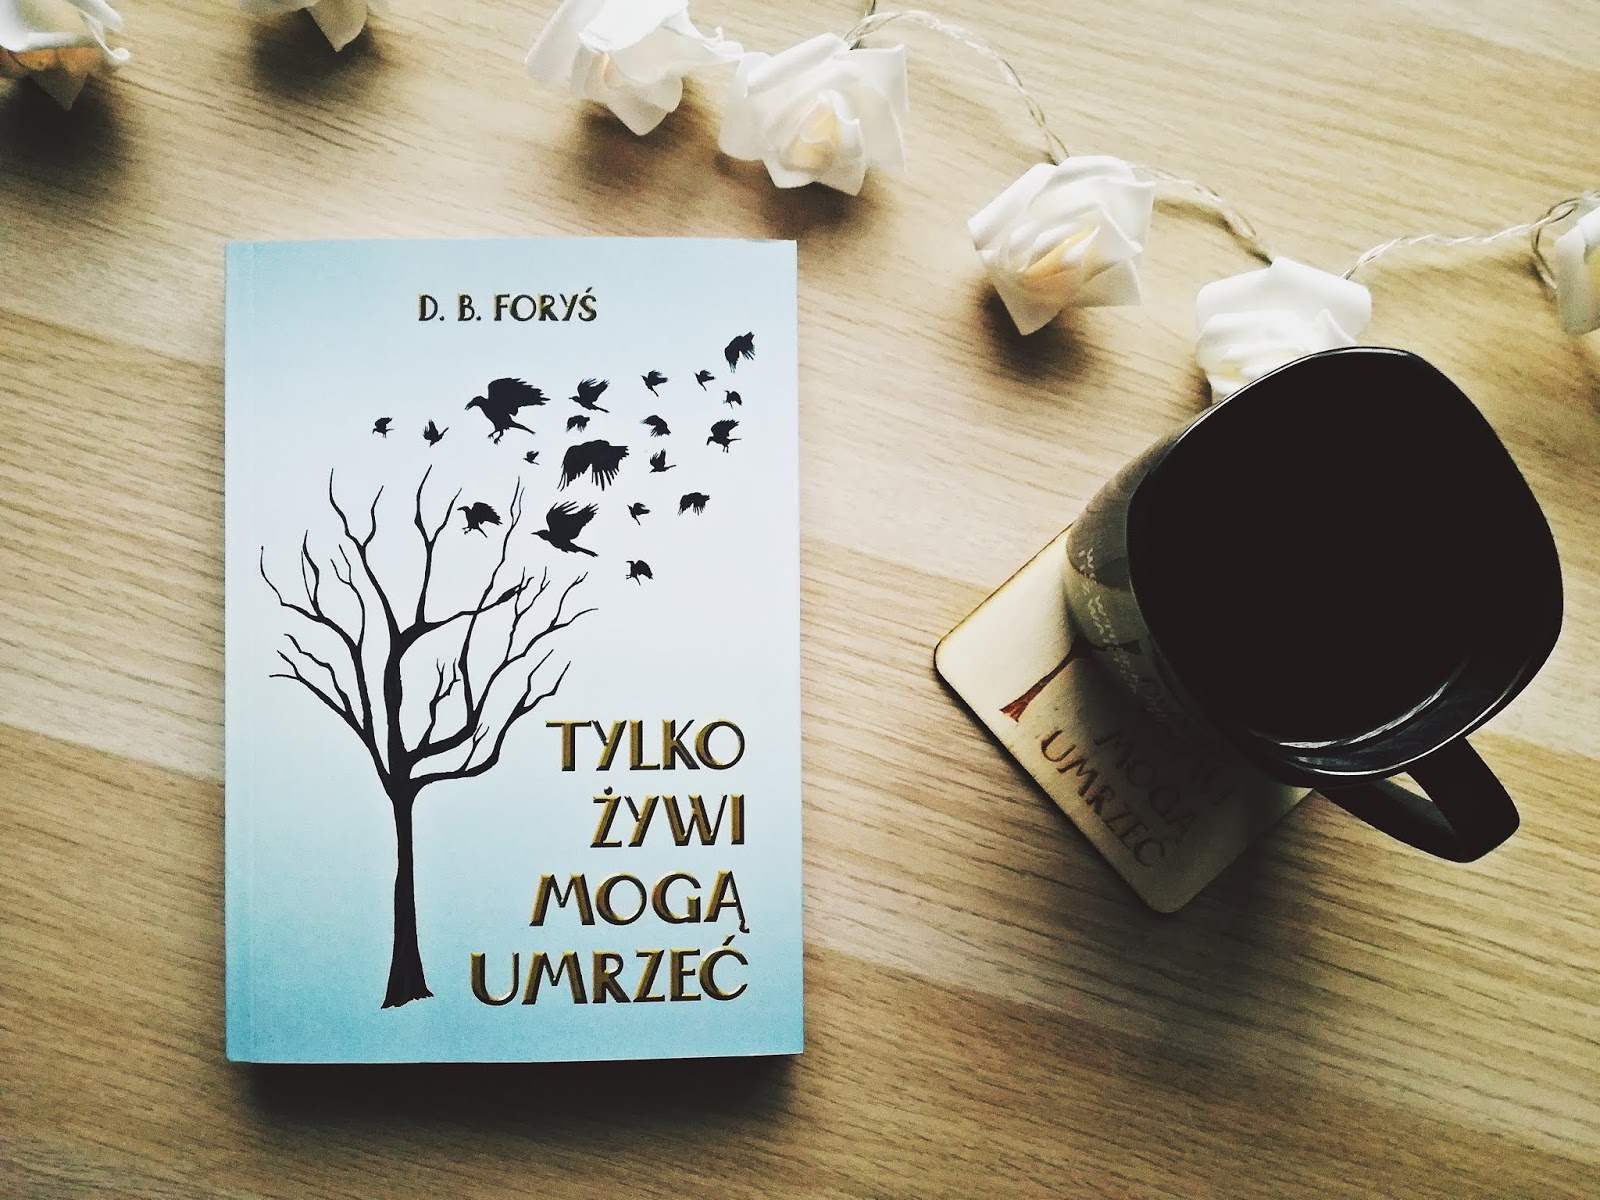 Tylko żywi mogą umrzeć, D.B. Foryś, książka, ebook, ebookowo, wydawnictwo, konkurs